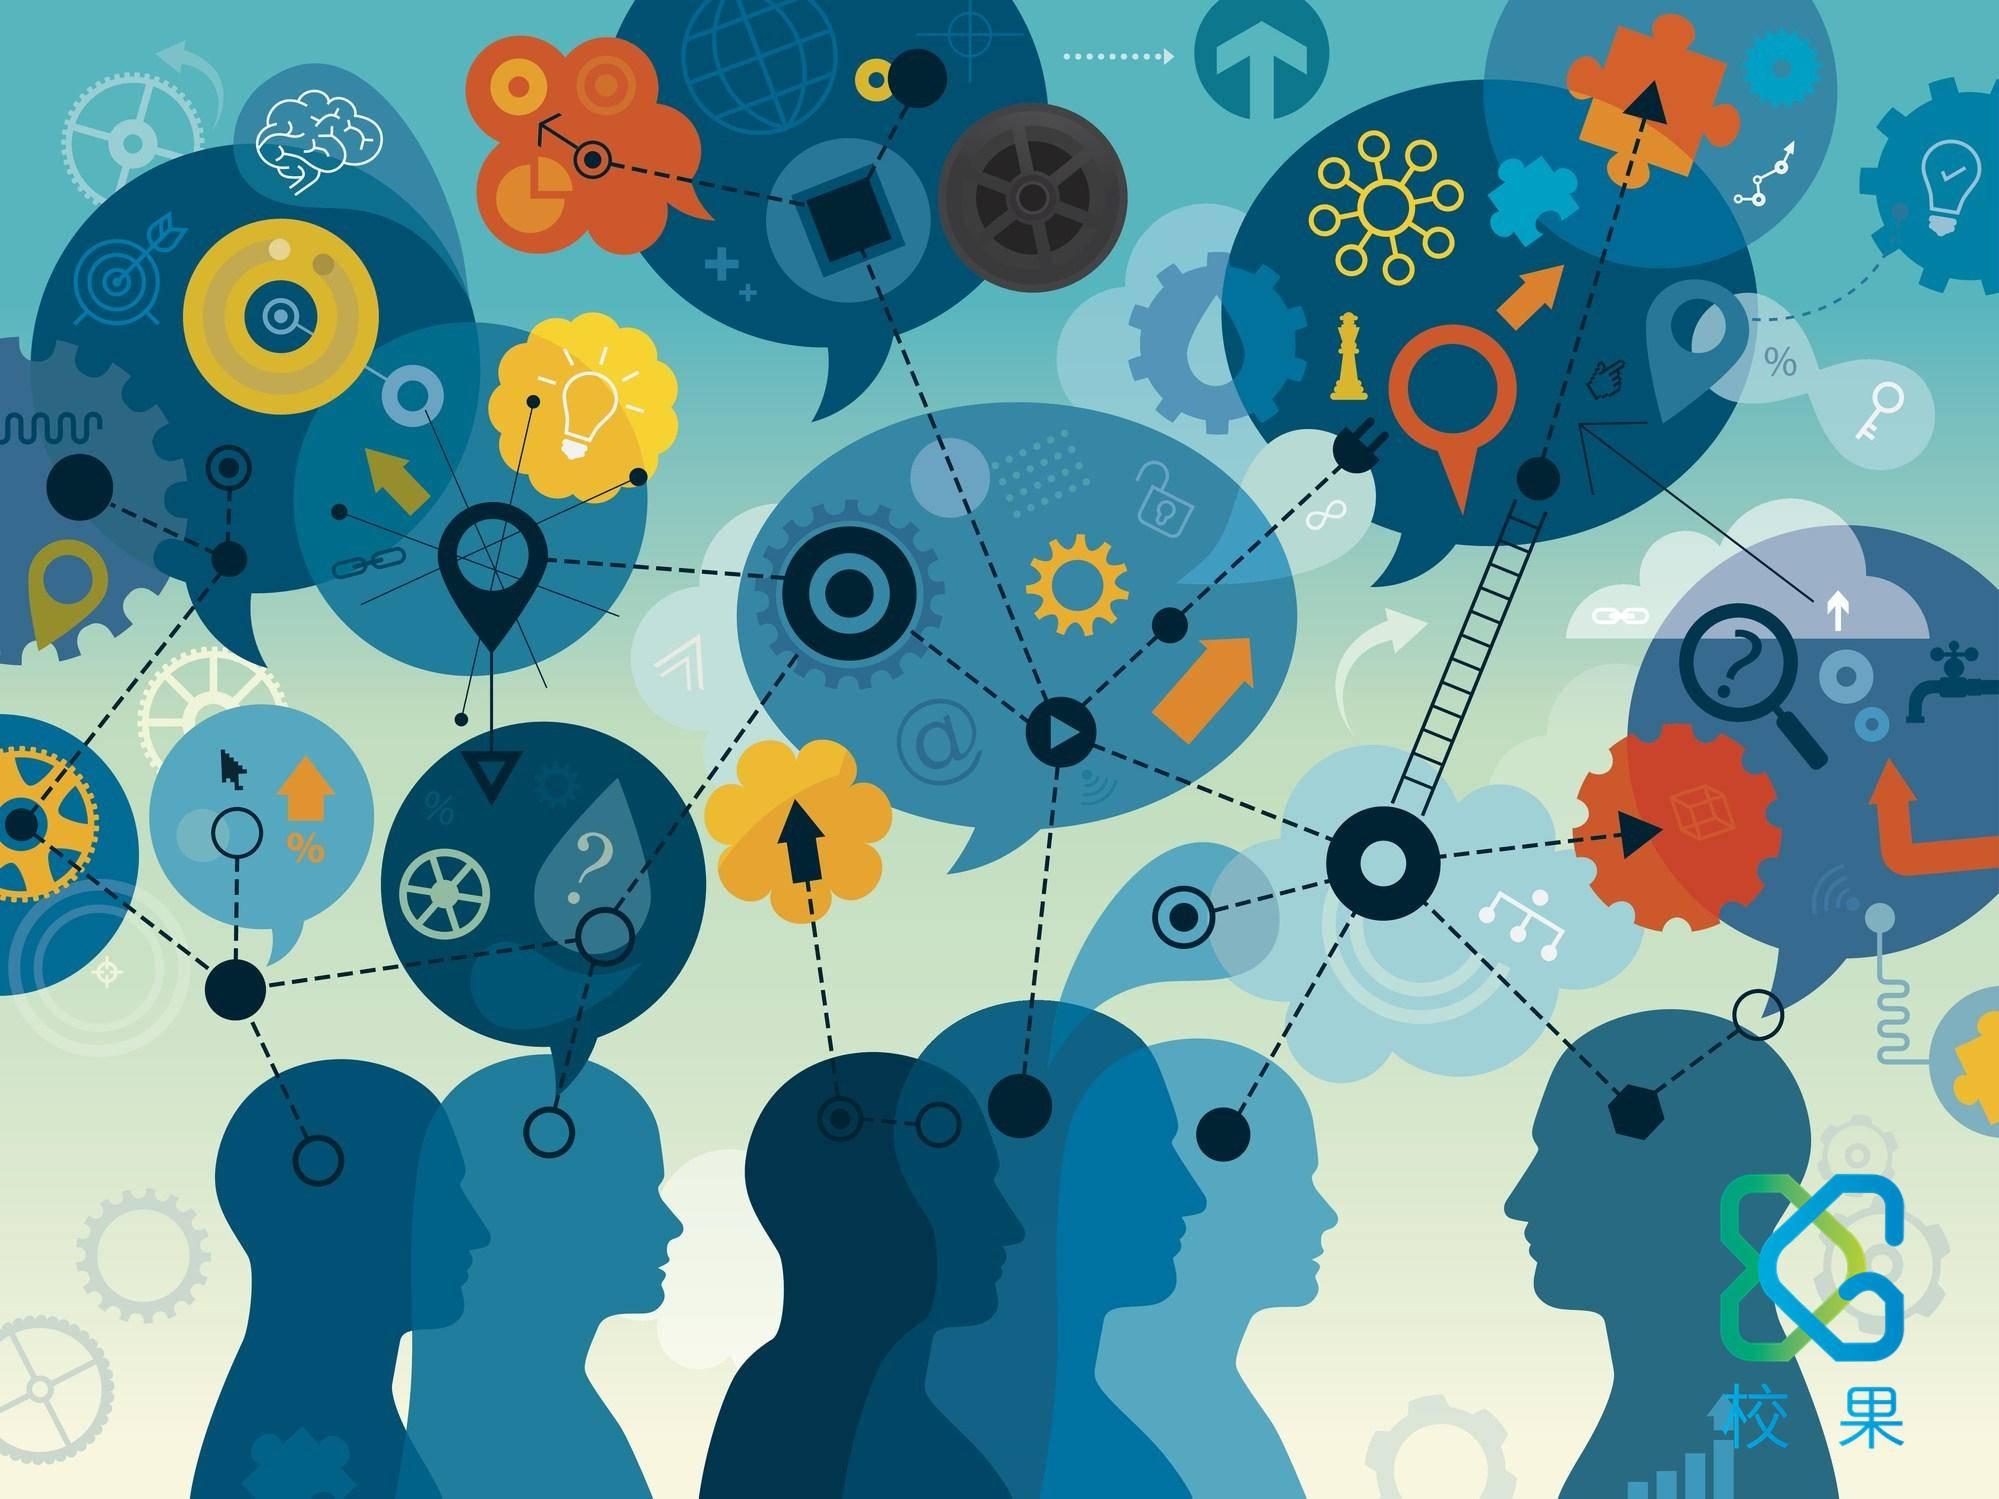 利用好Z世代偏爱的圈层文化是企业当下校园营销的切入点! - 校果研究院 - 校园营销解决方案!